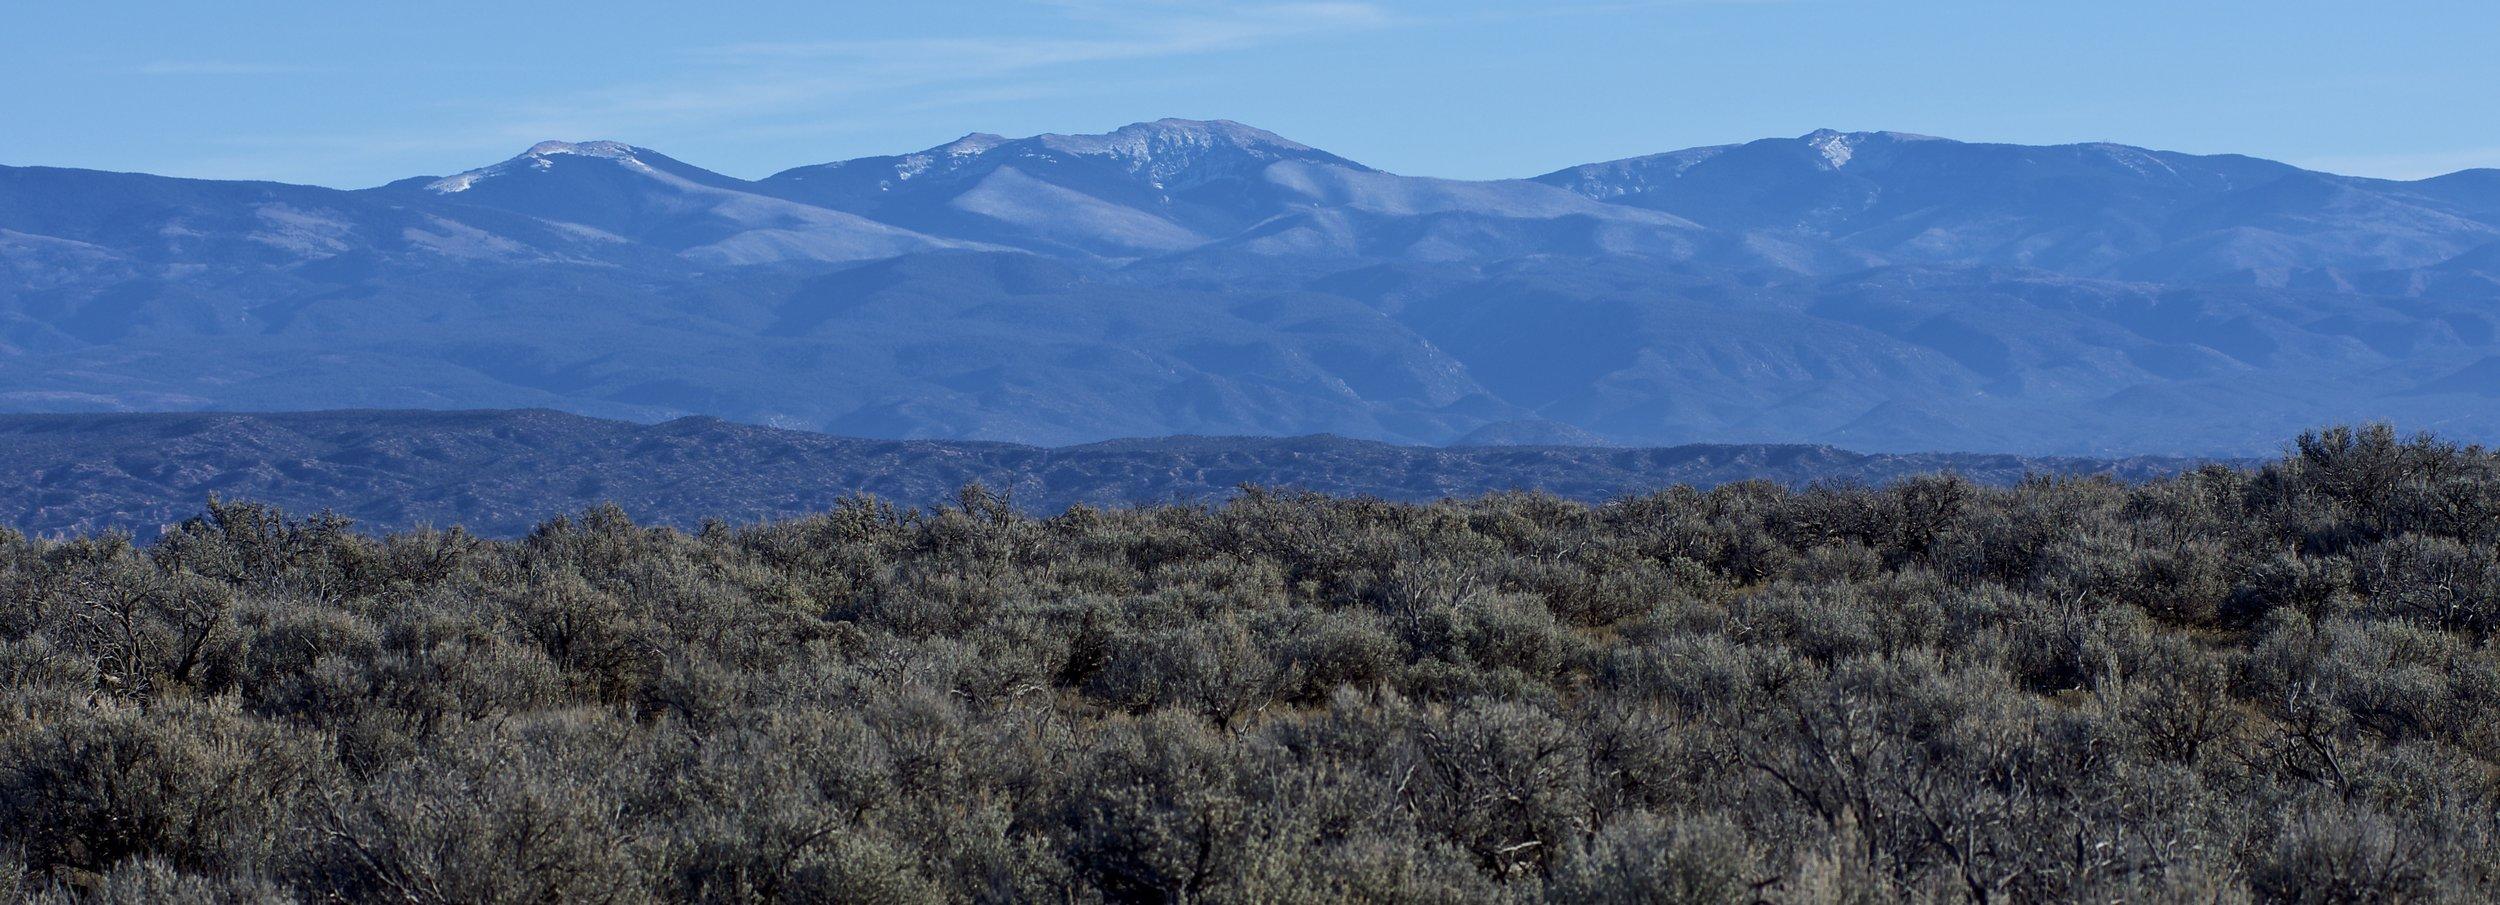 Black Mesa mountain view